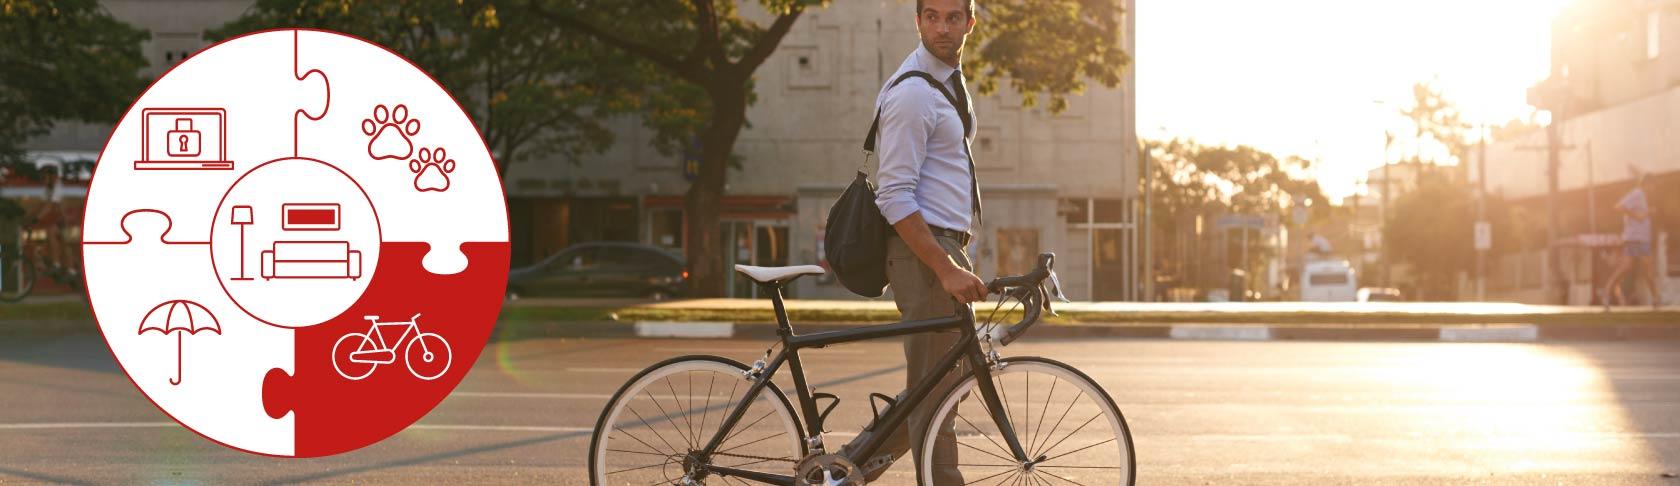 Assicurazione biciclette generali for Assicurazione mobilia domestica